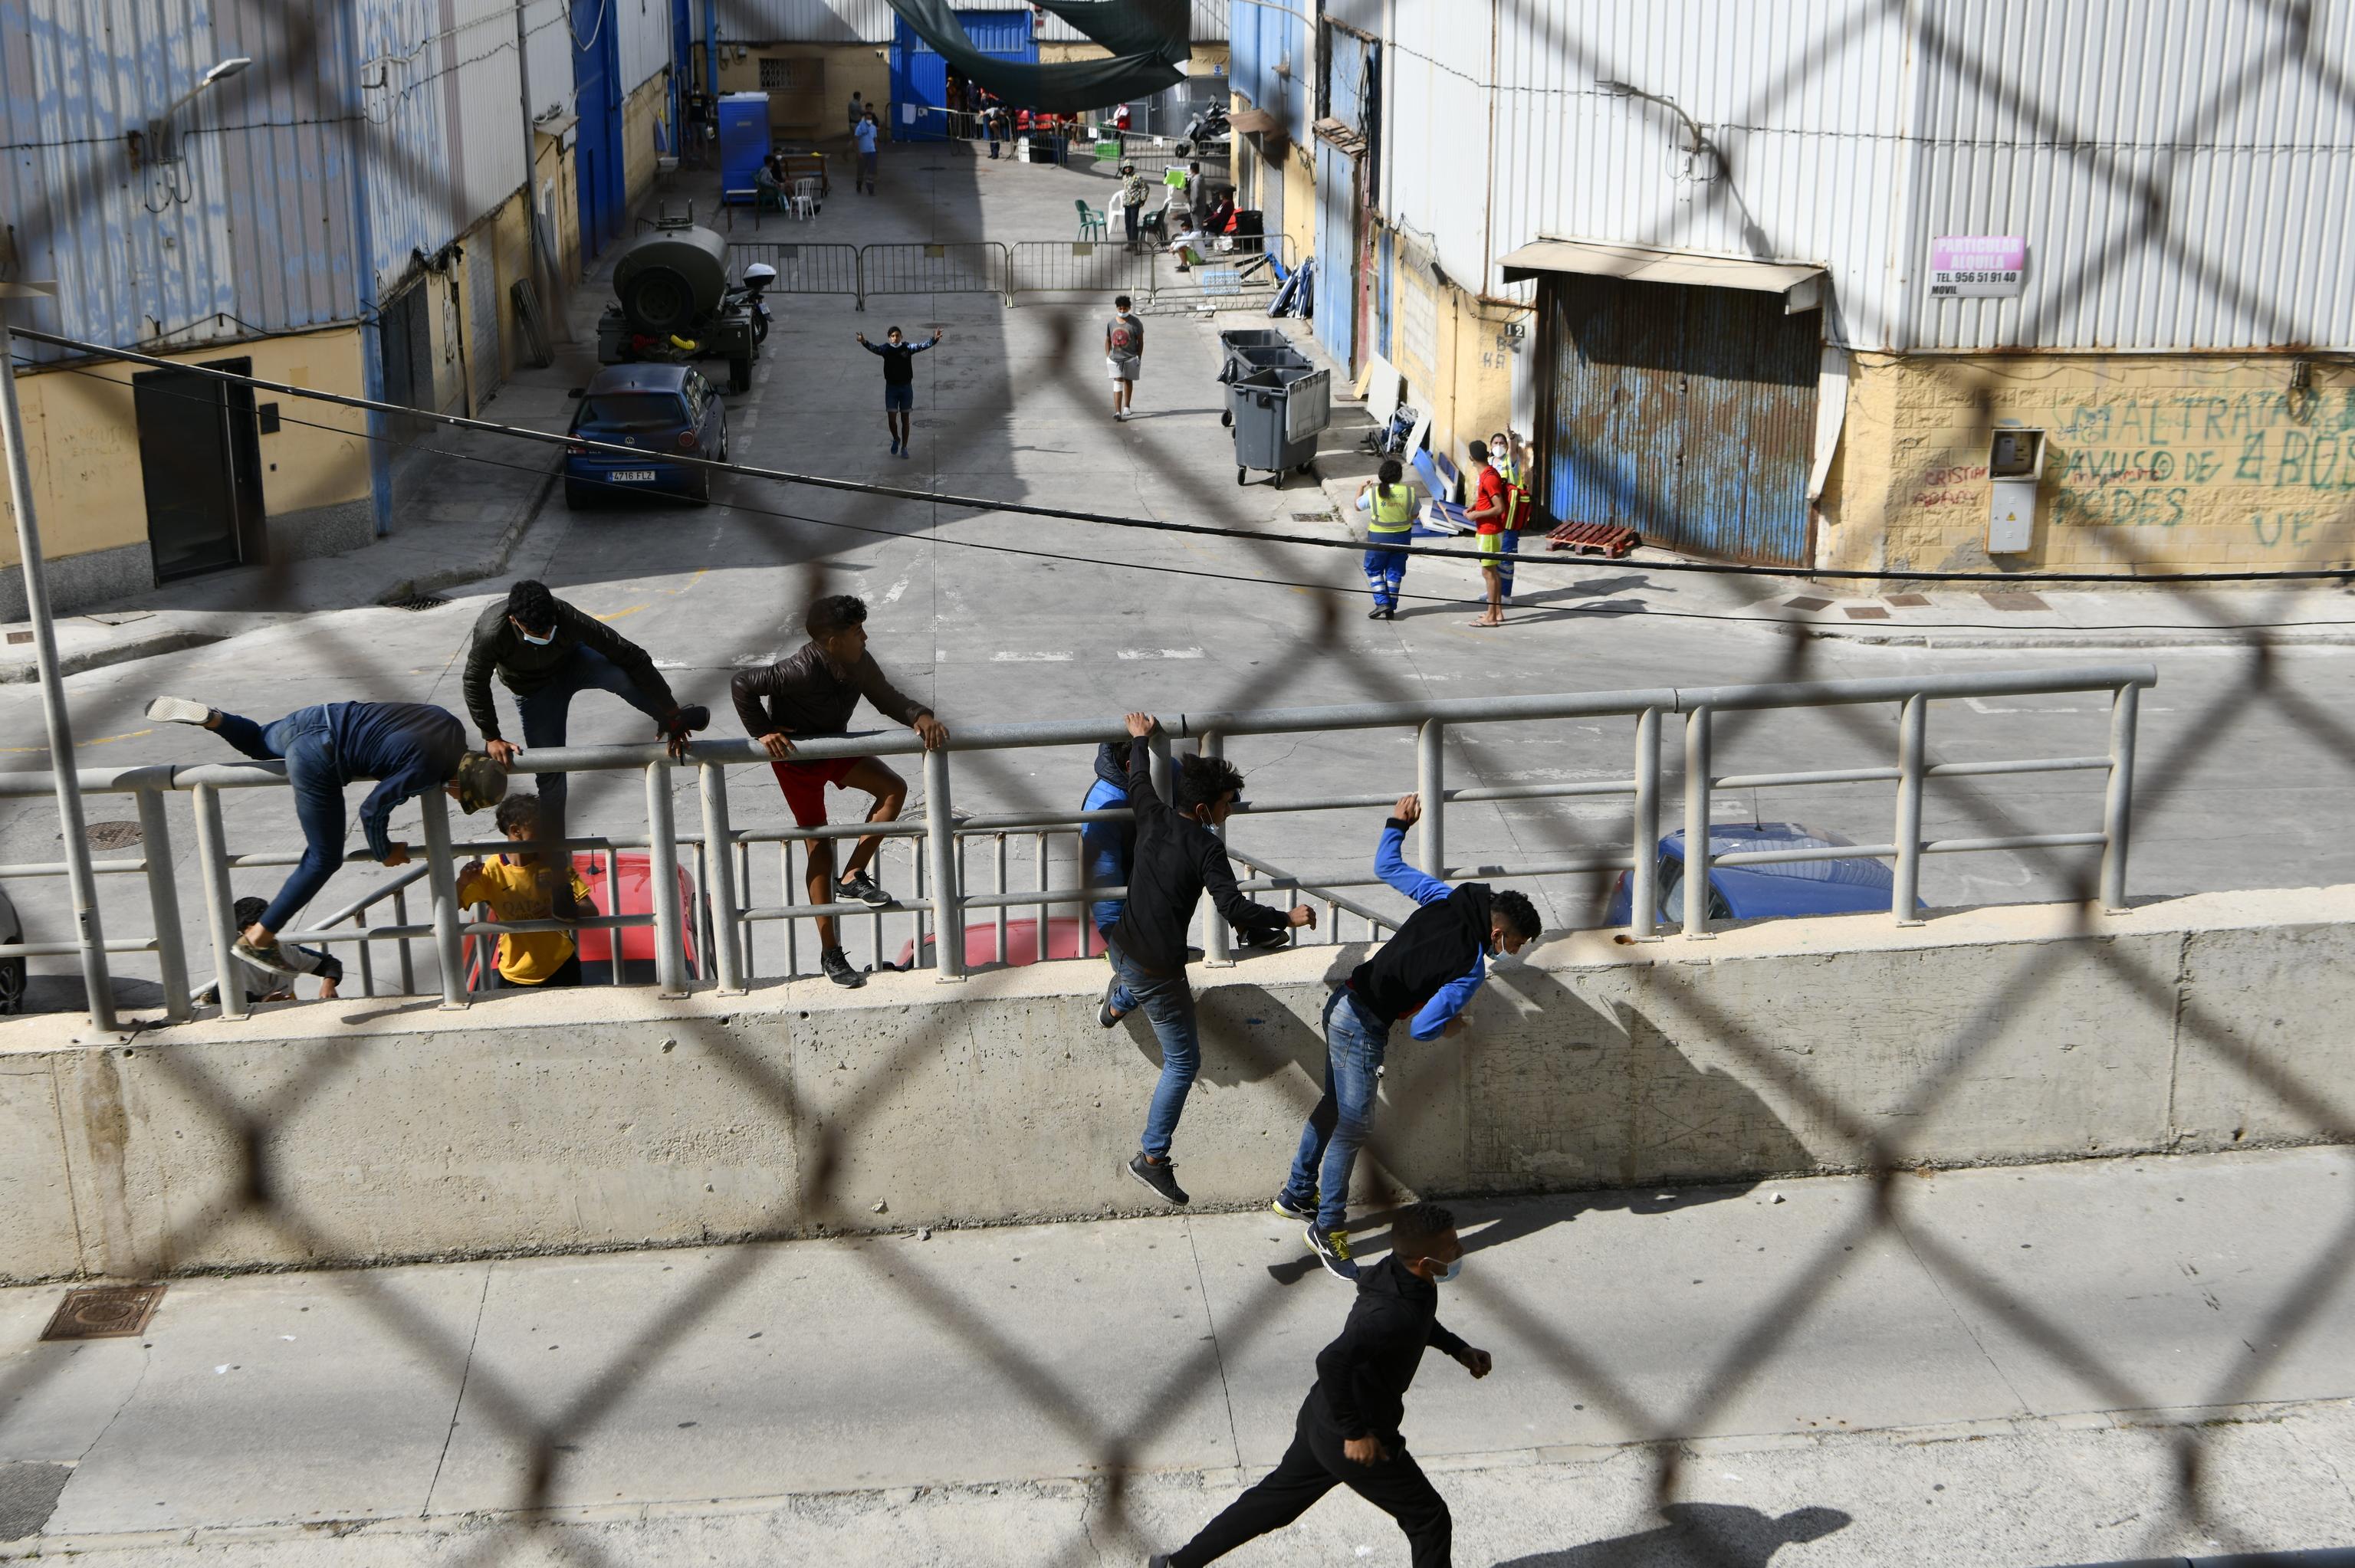 Menores marroquíes escapando de las naves donde están acogidos.